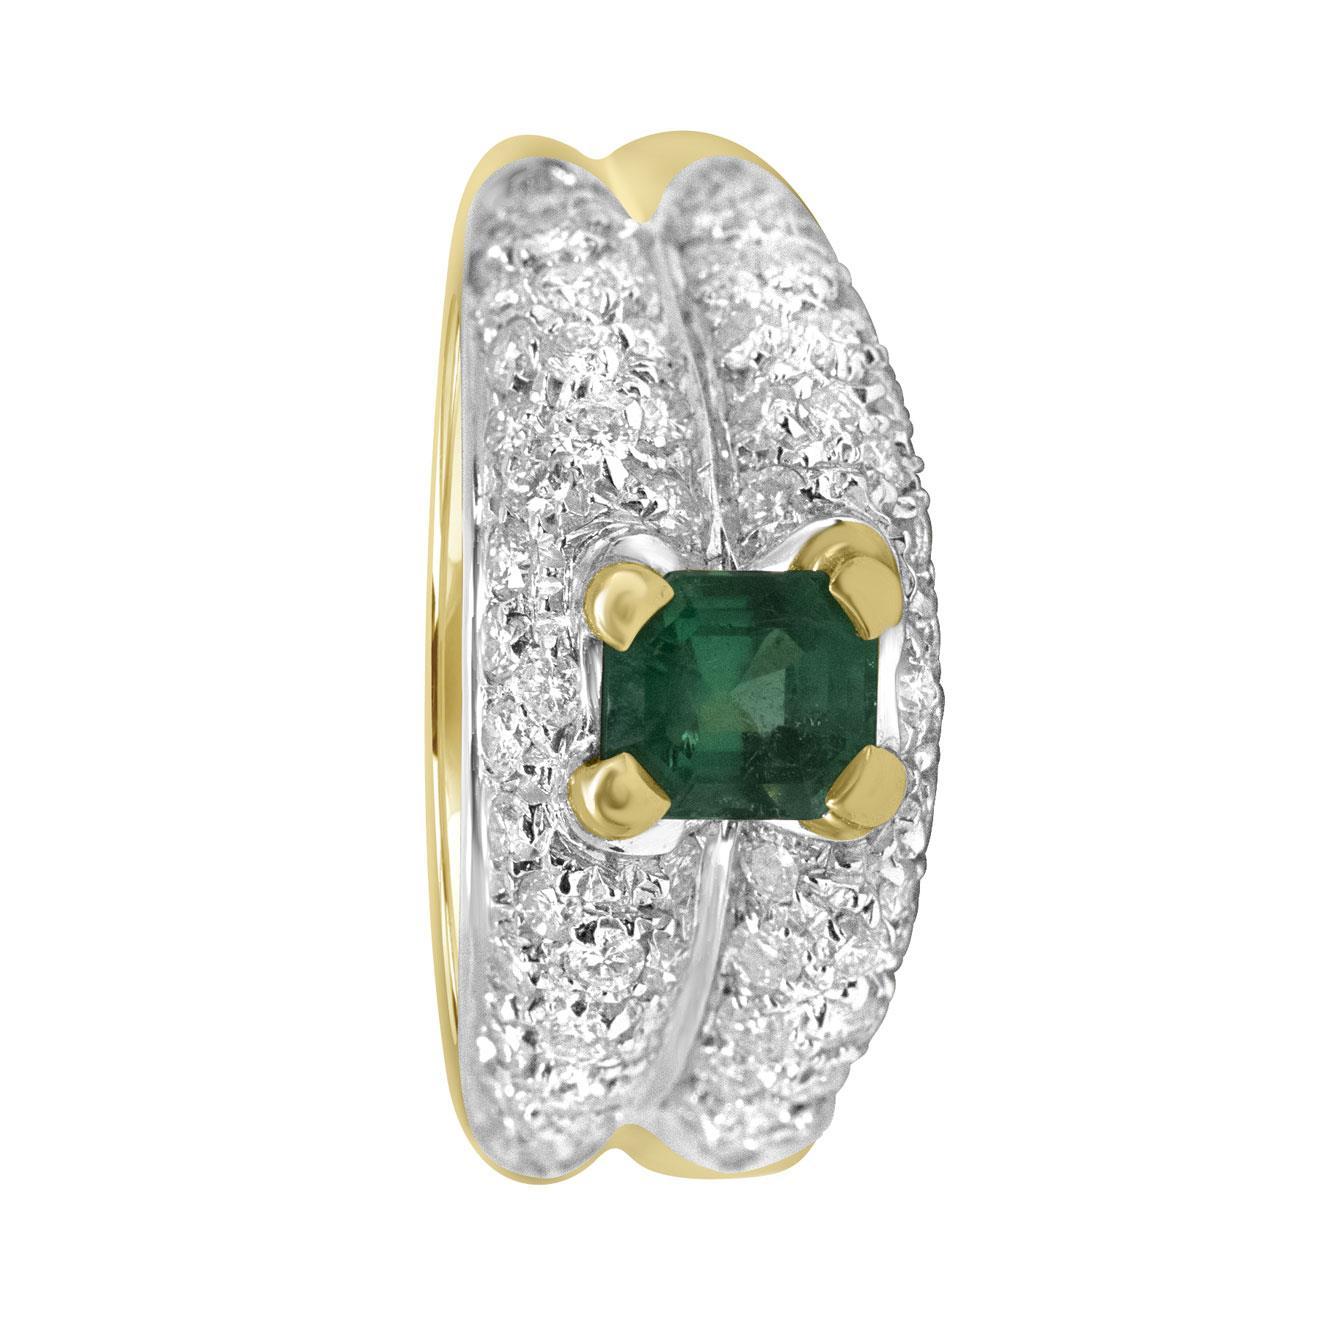 Anello in oro giallo con diamanti ct 1.76 e pietra verde, misura 14 - ALFIERI & ST. JOHN